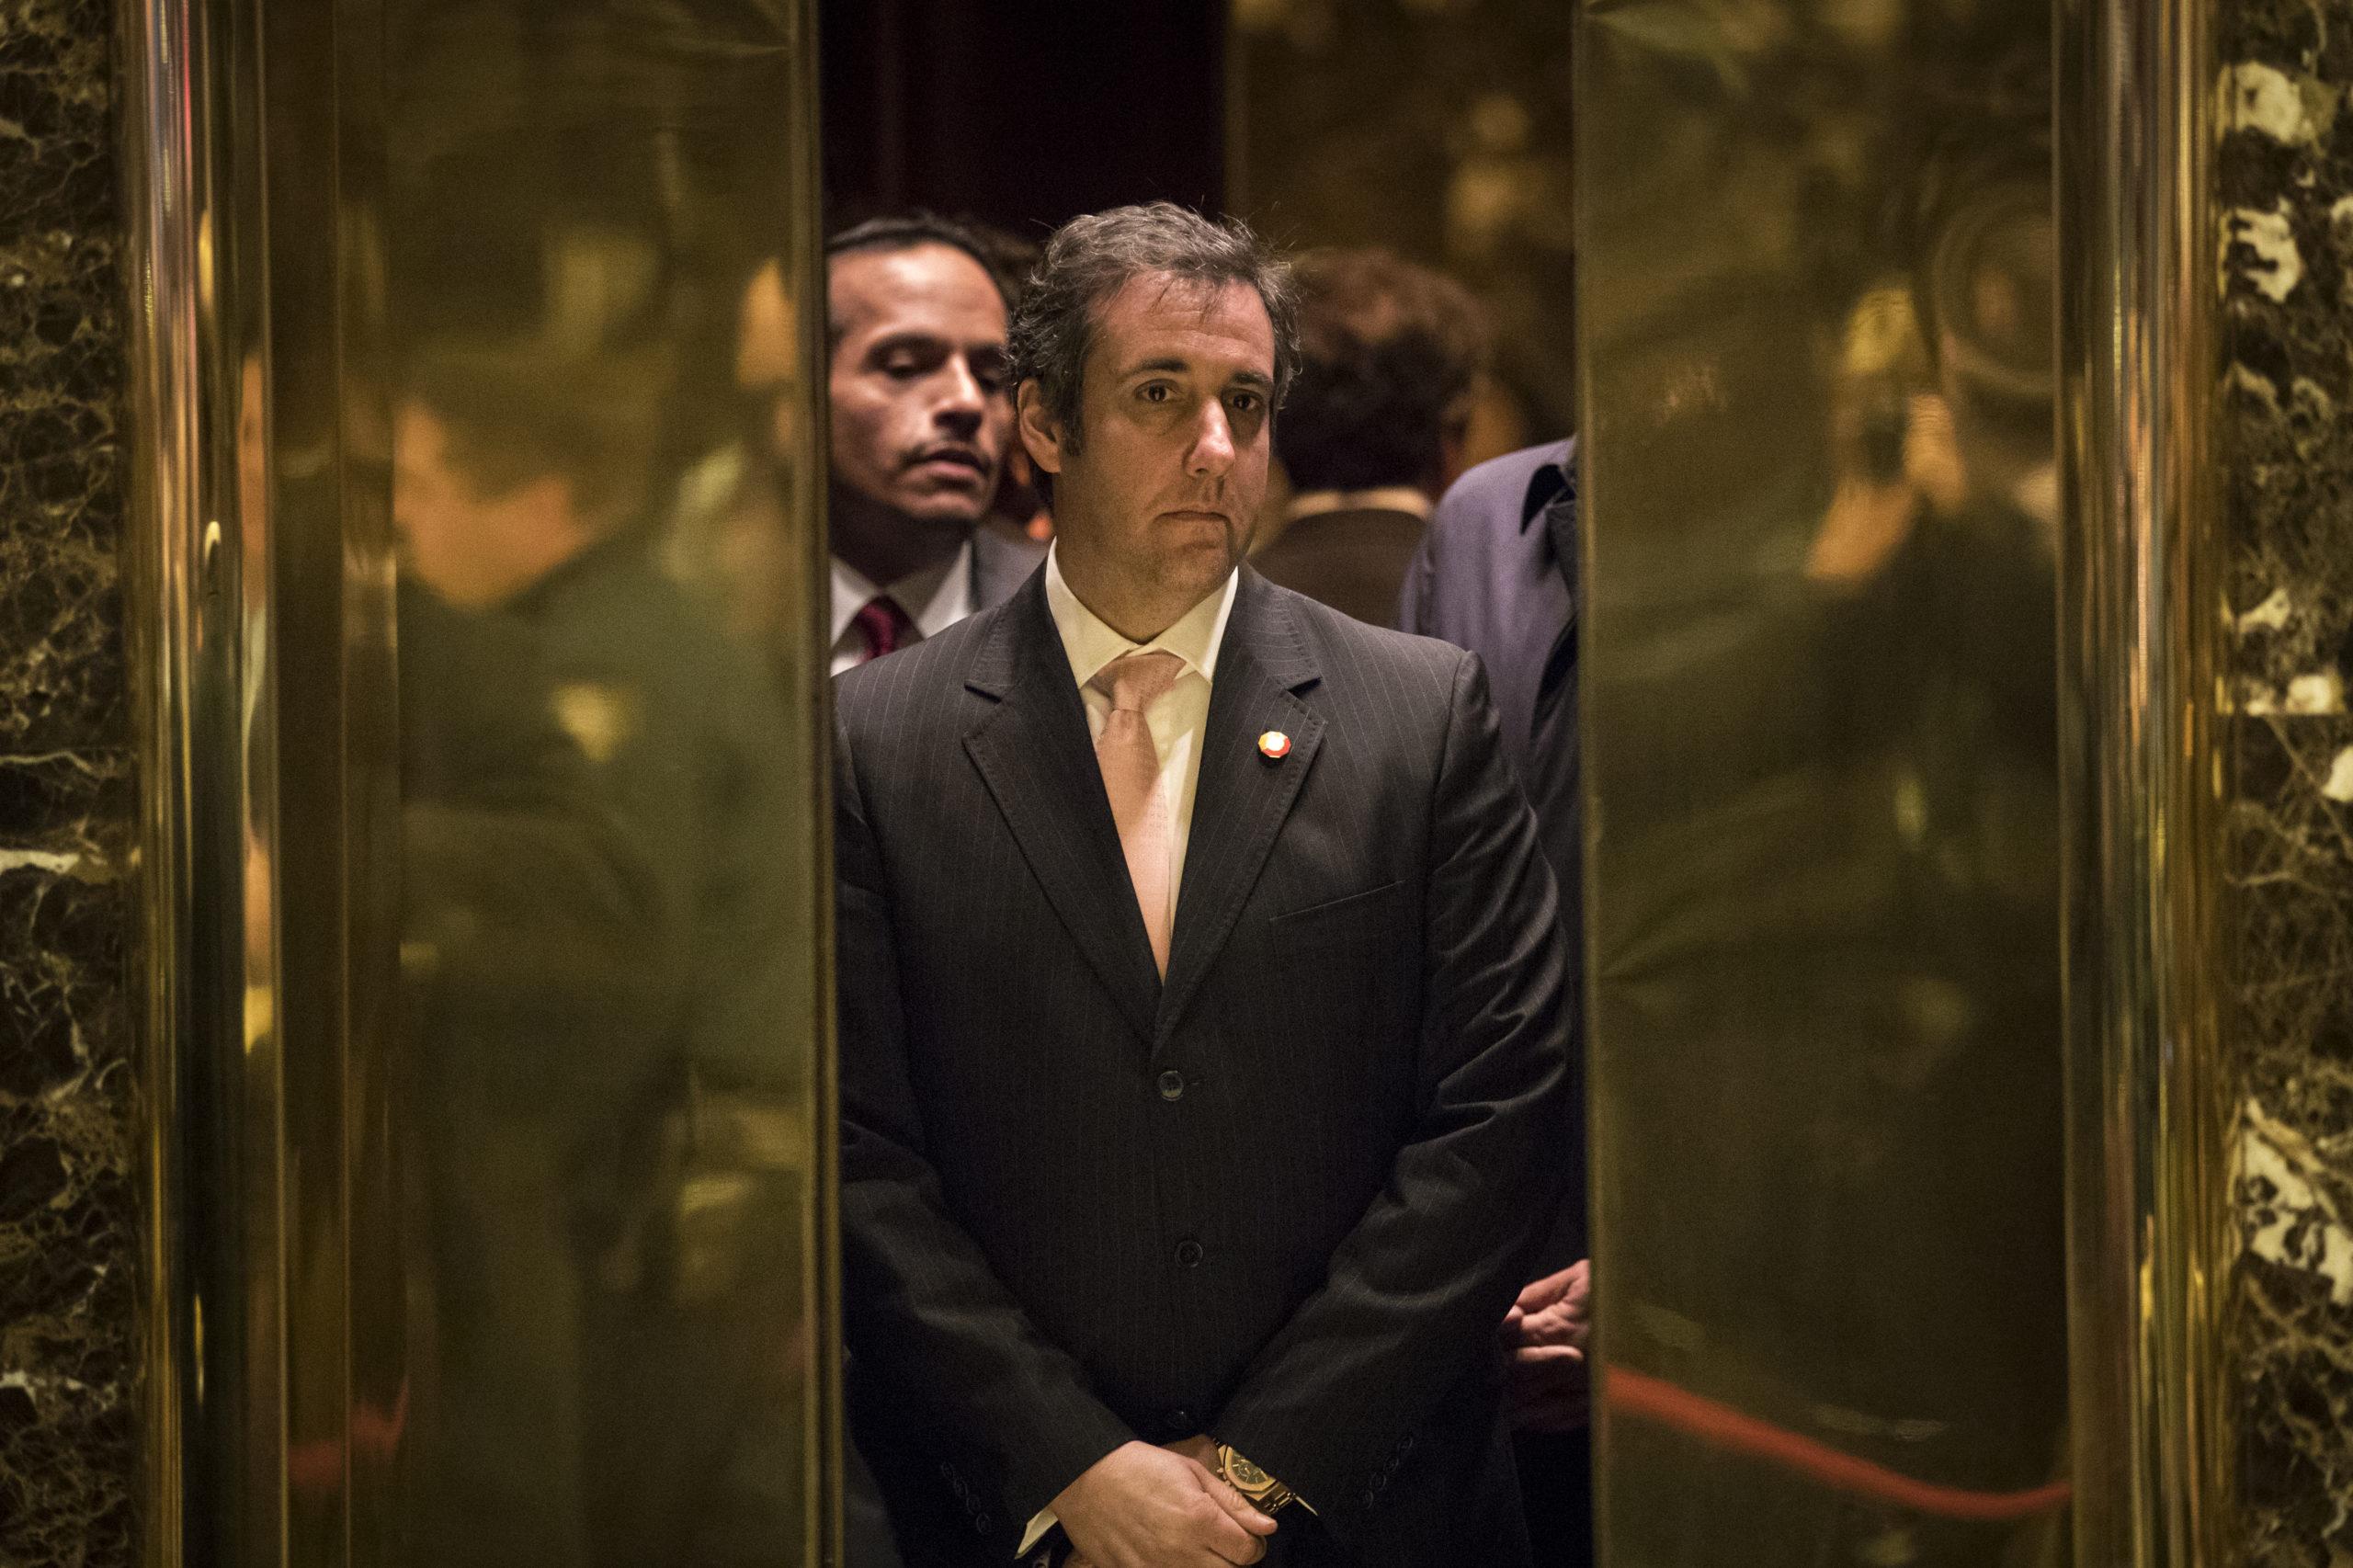 L'ancien fixateur de Donald Trump, Michael Cohen, a fait les allégations